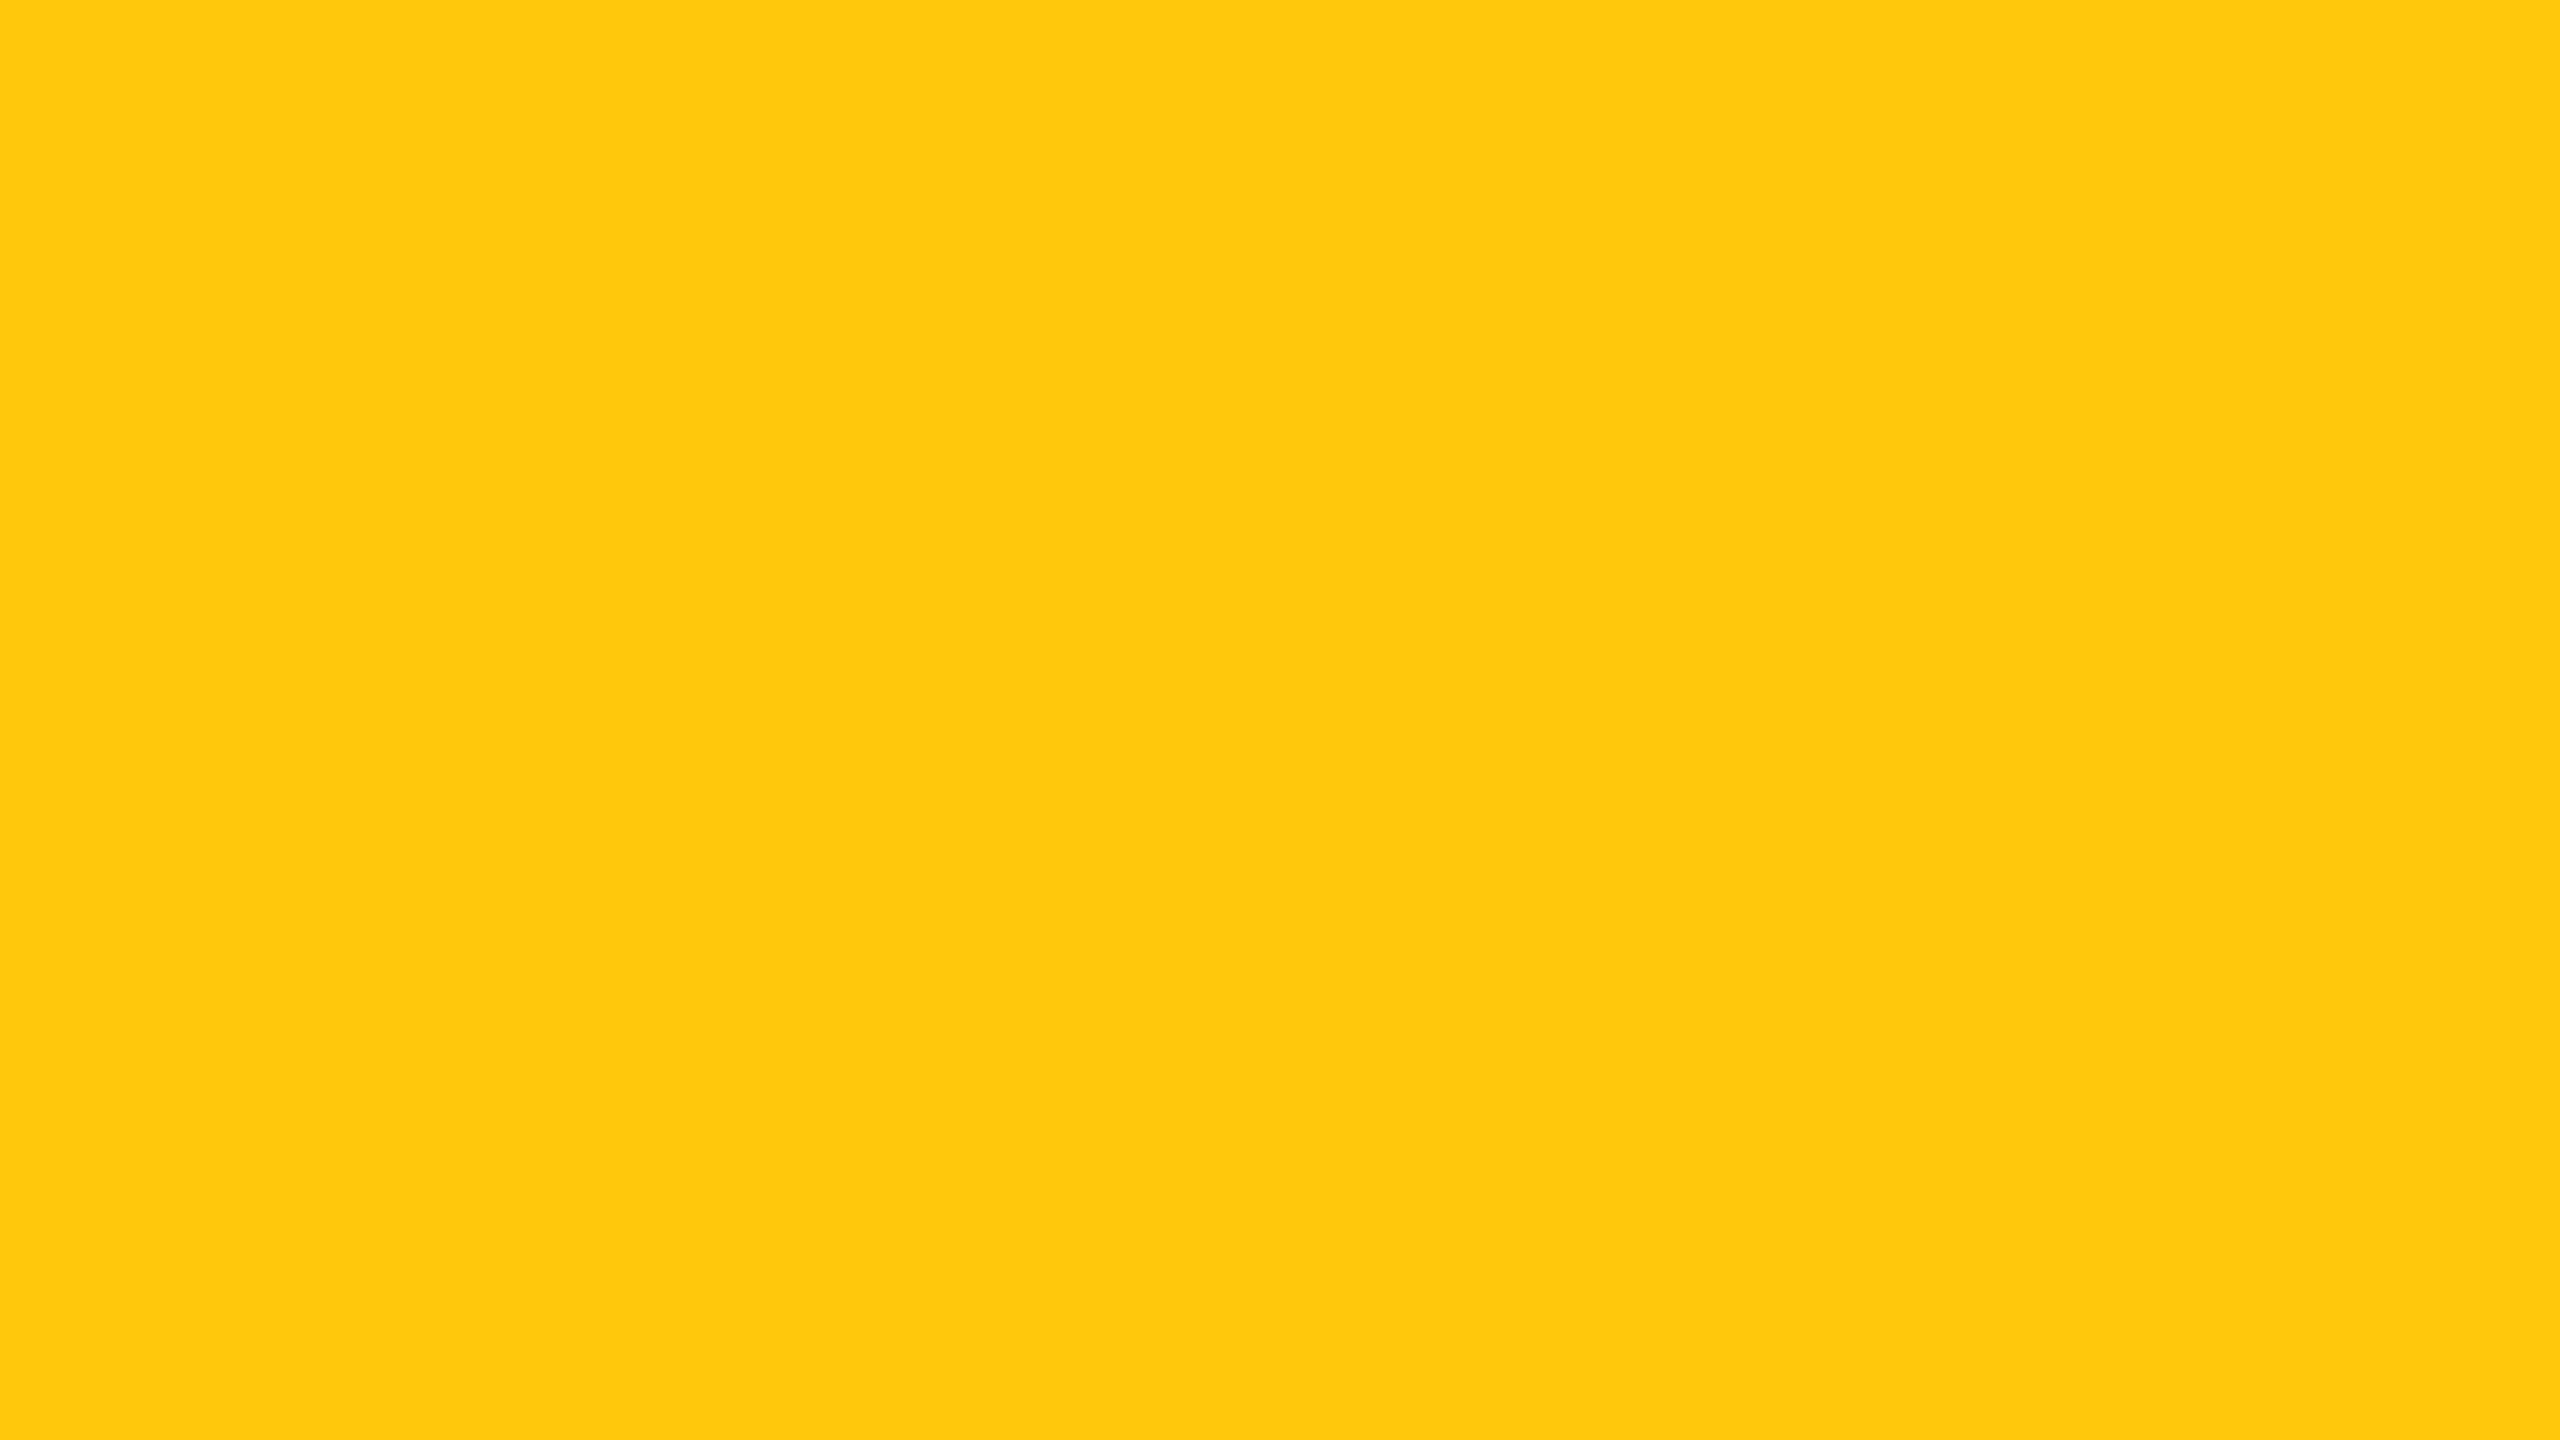 Zone 4 - Yellow